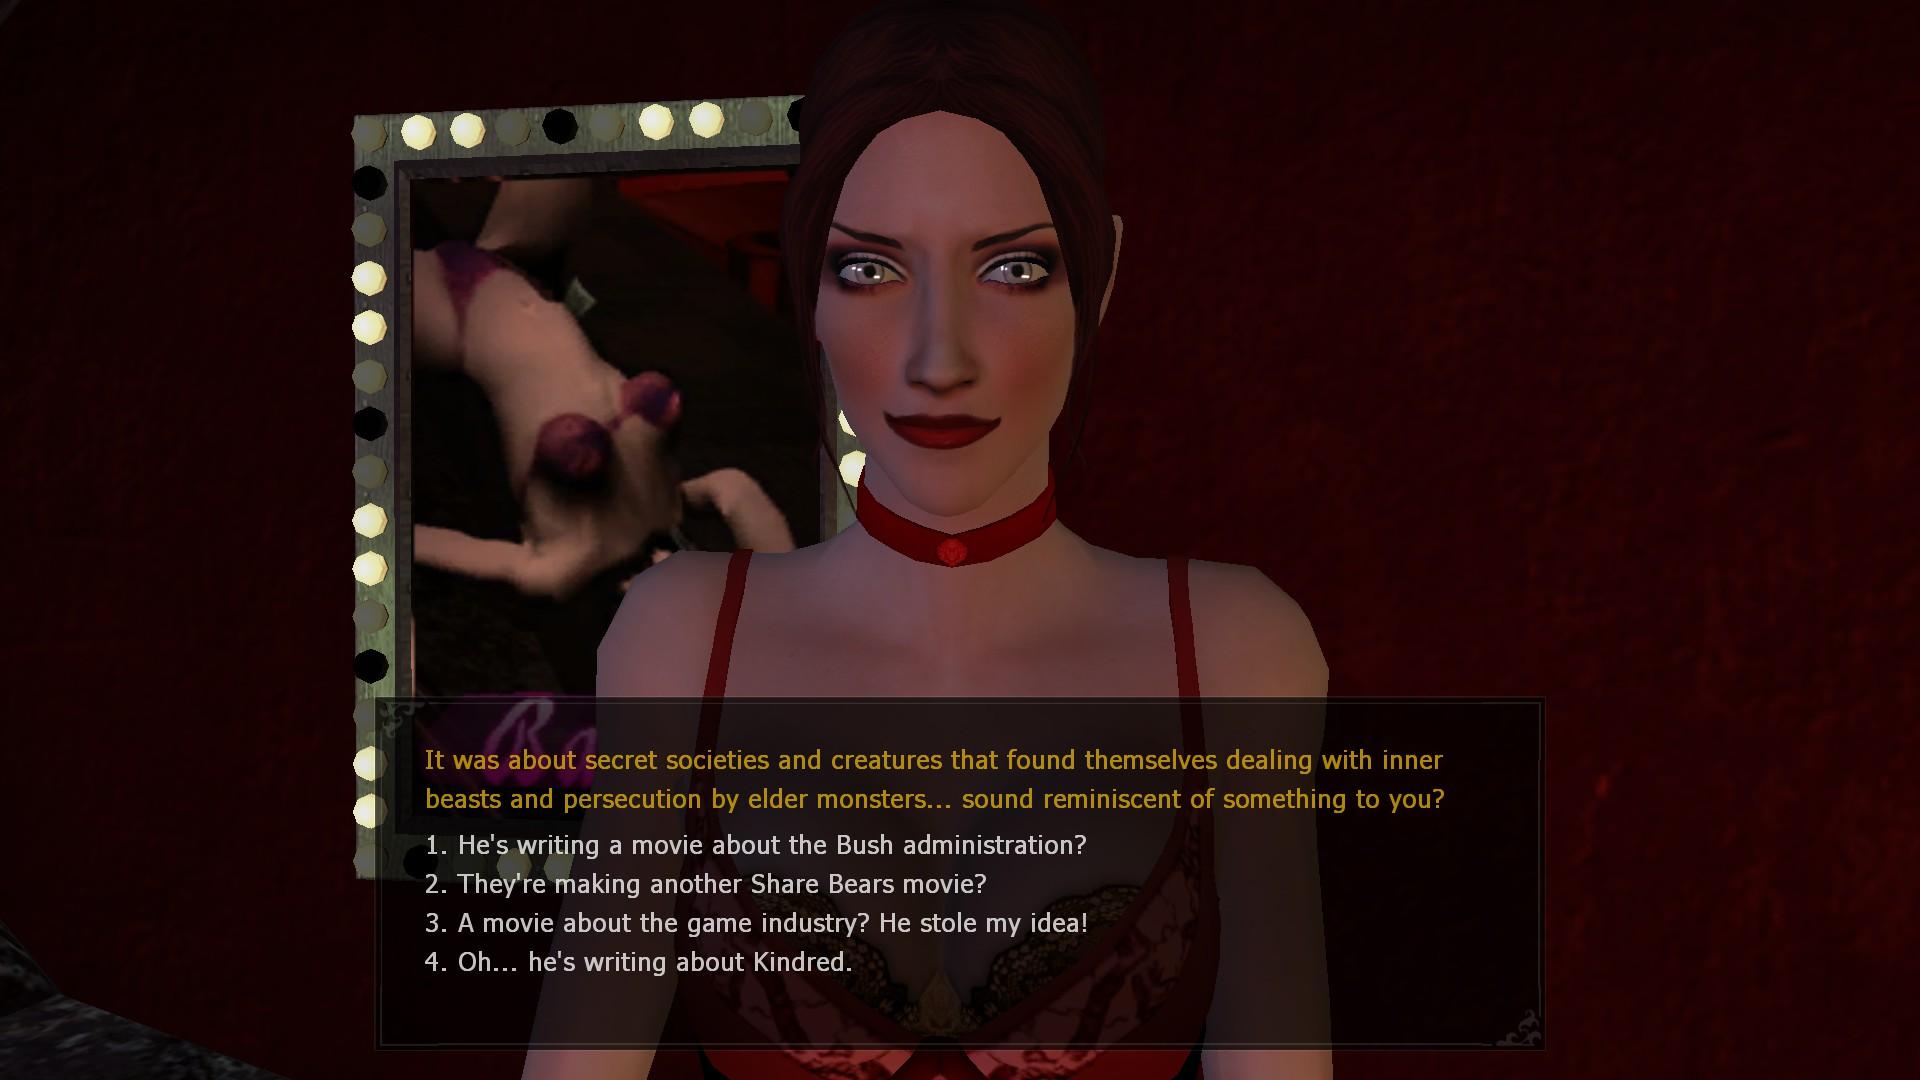 Ролевая игра о вампирах скачать онлайн игру angry birds go